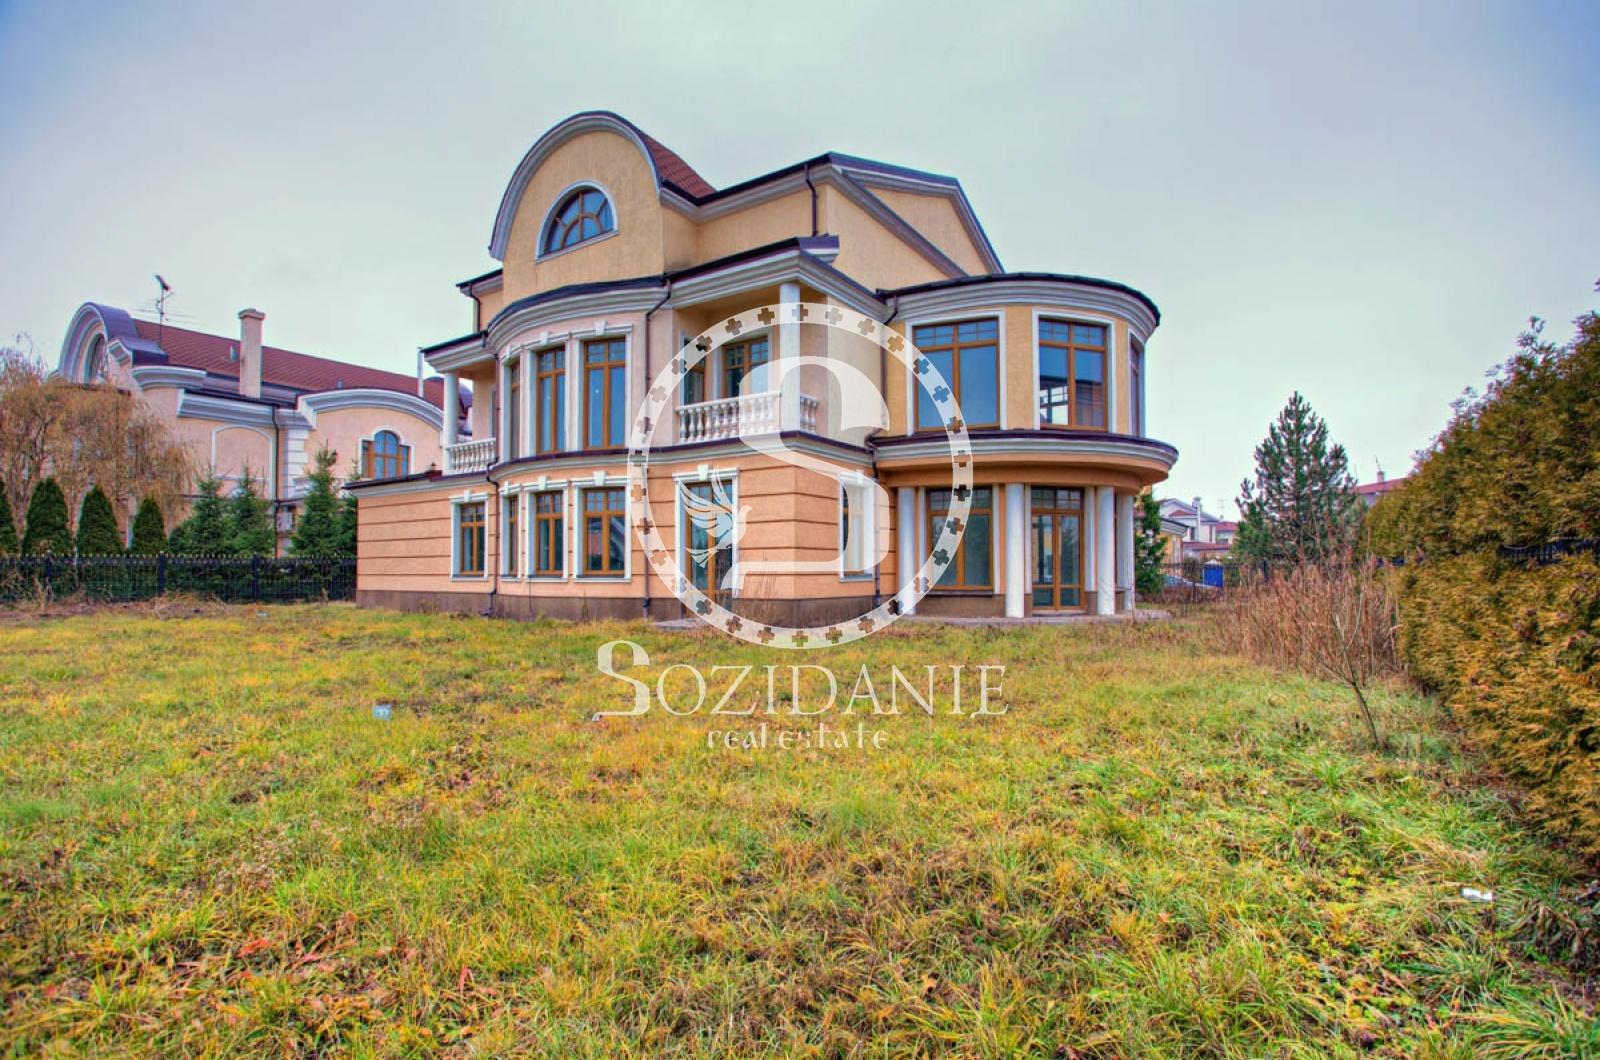 4 Bedrooms, Загородная, Продажа, Listing ID 1355, Московская область, Россия,